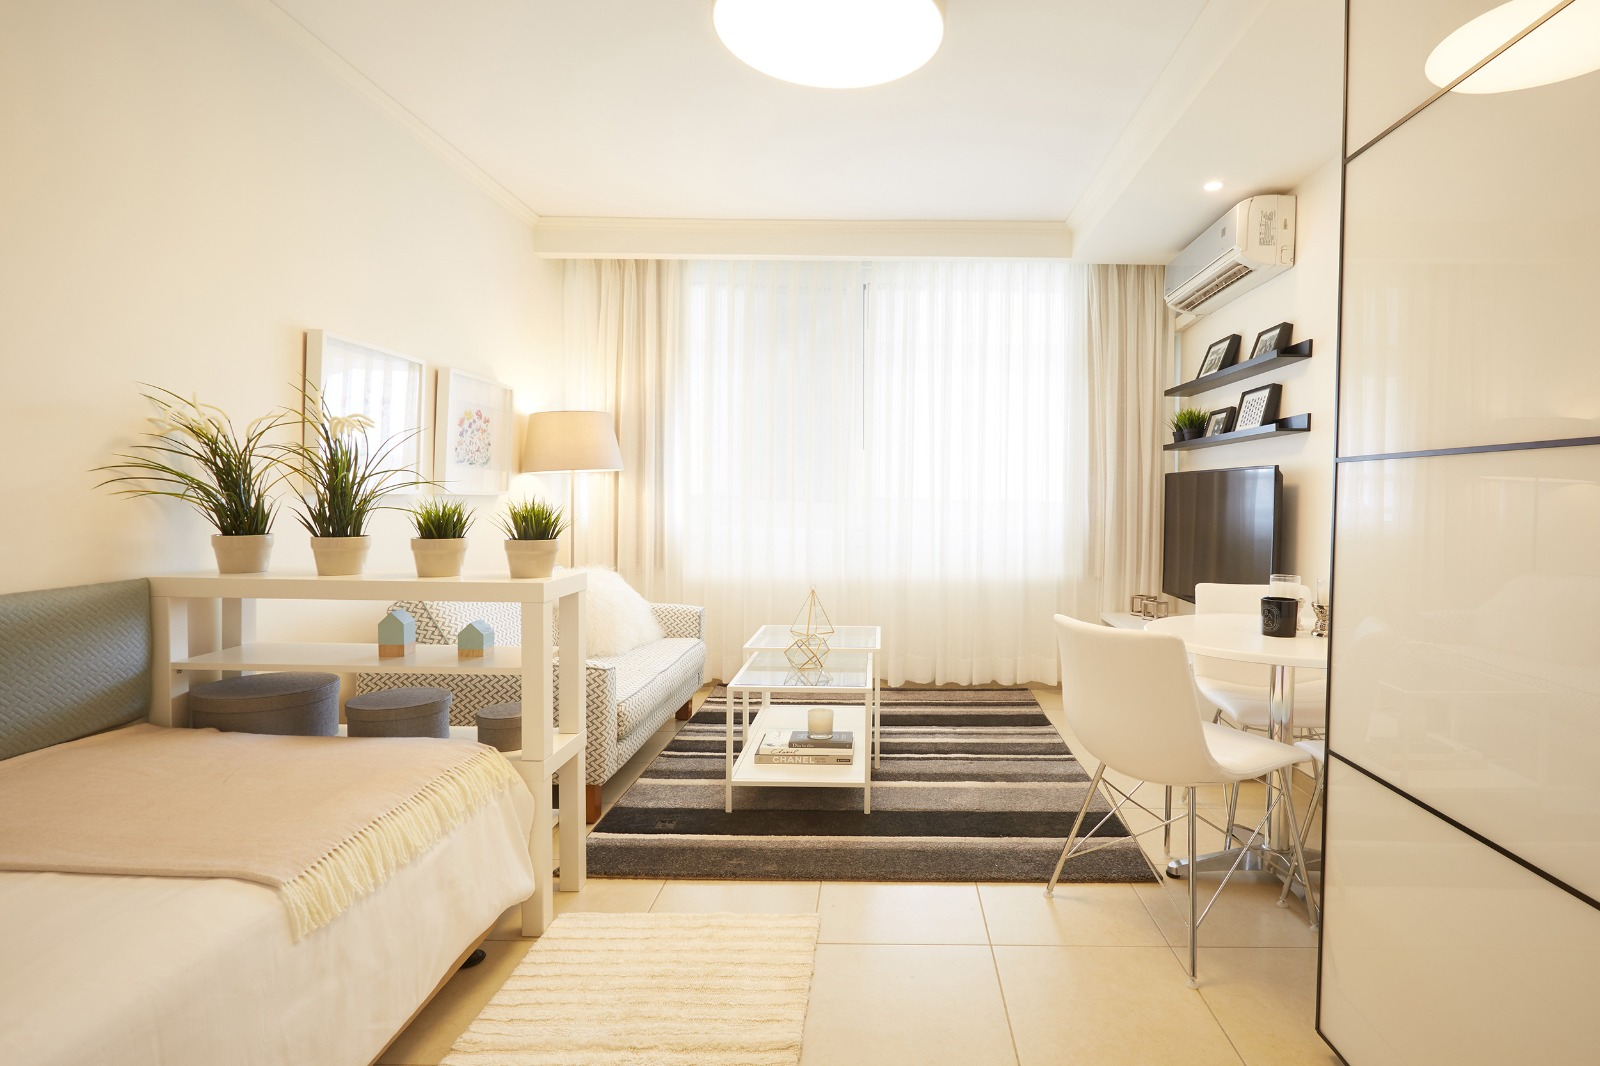 דיור מוגן בית גיל הזהב תל אביב